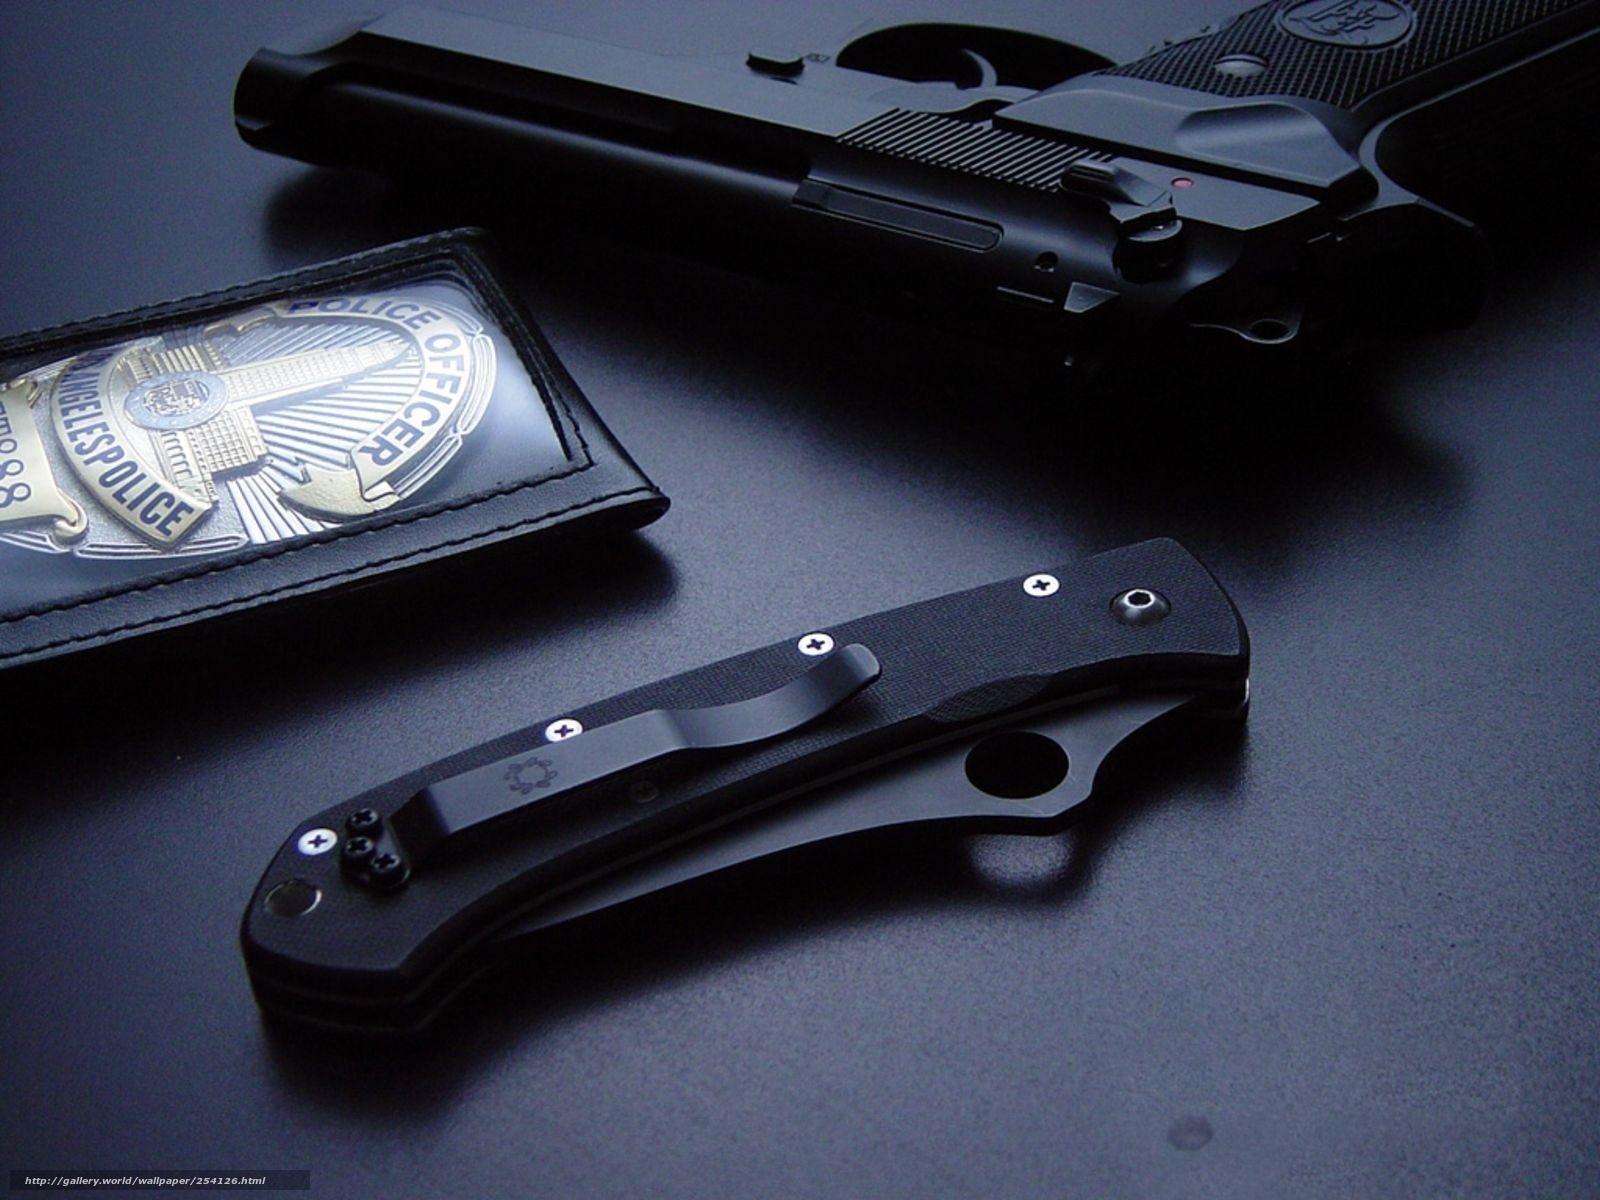 Scaricare Gli Sfondi Pistola Coltello Polizia Sfondi Gratis Per La